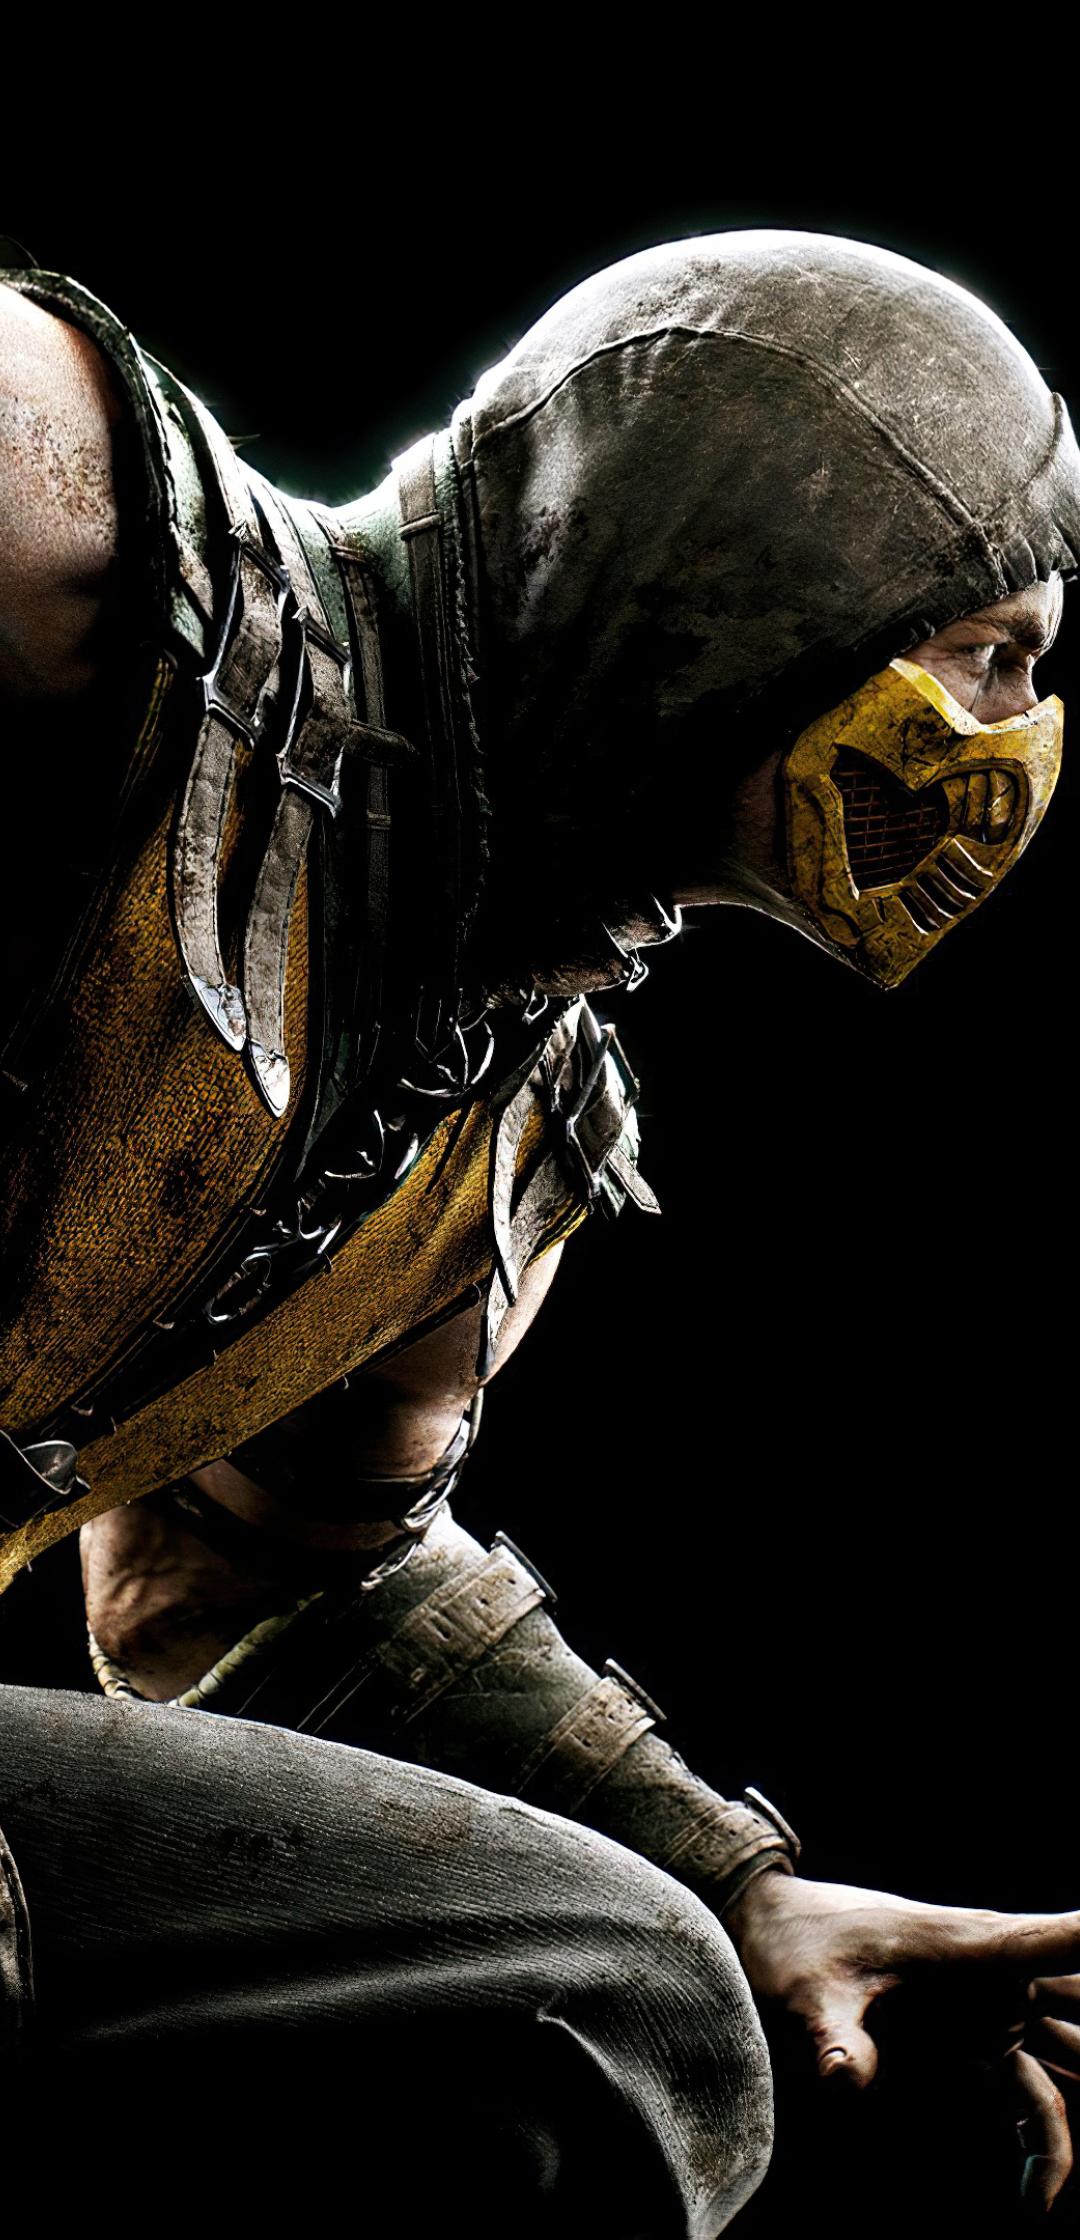 1080x2240 4K Scorpion Mortal Kombat 11 1080x2240 ...